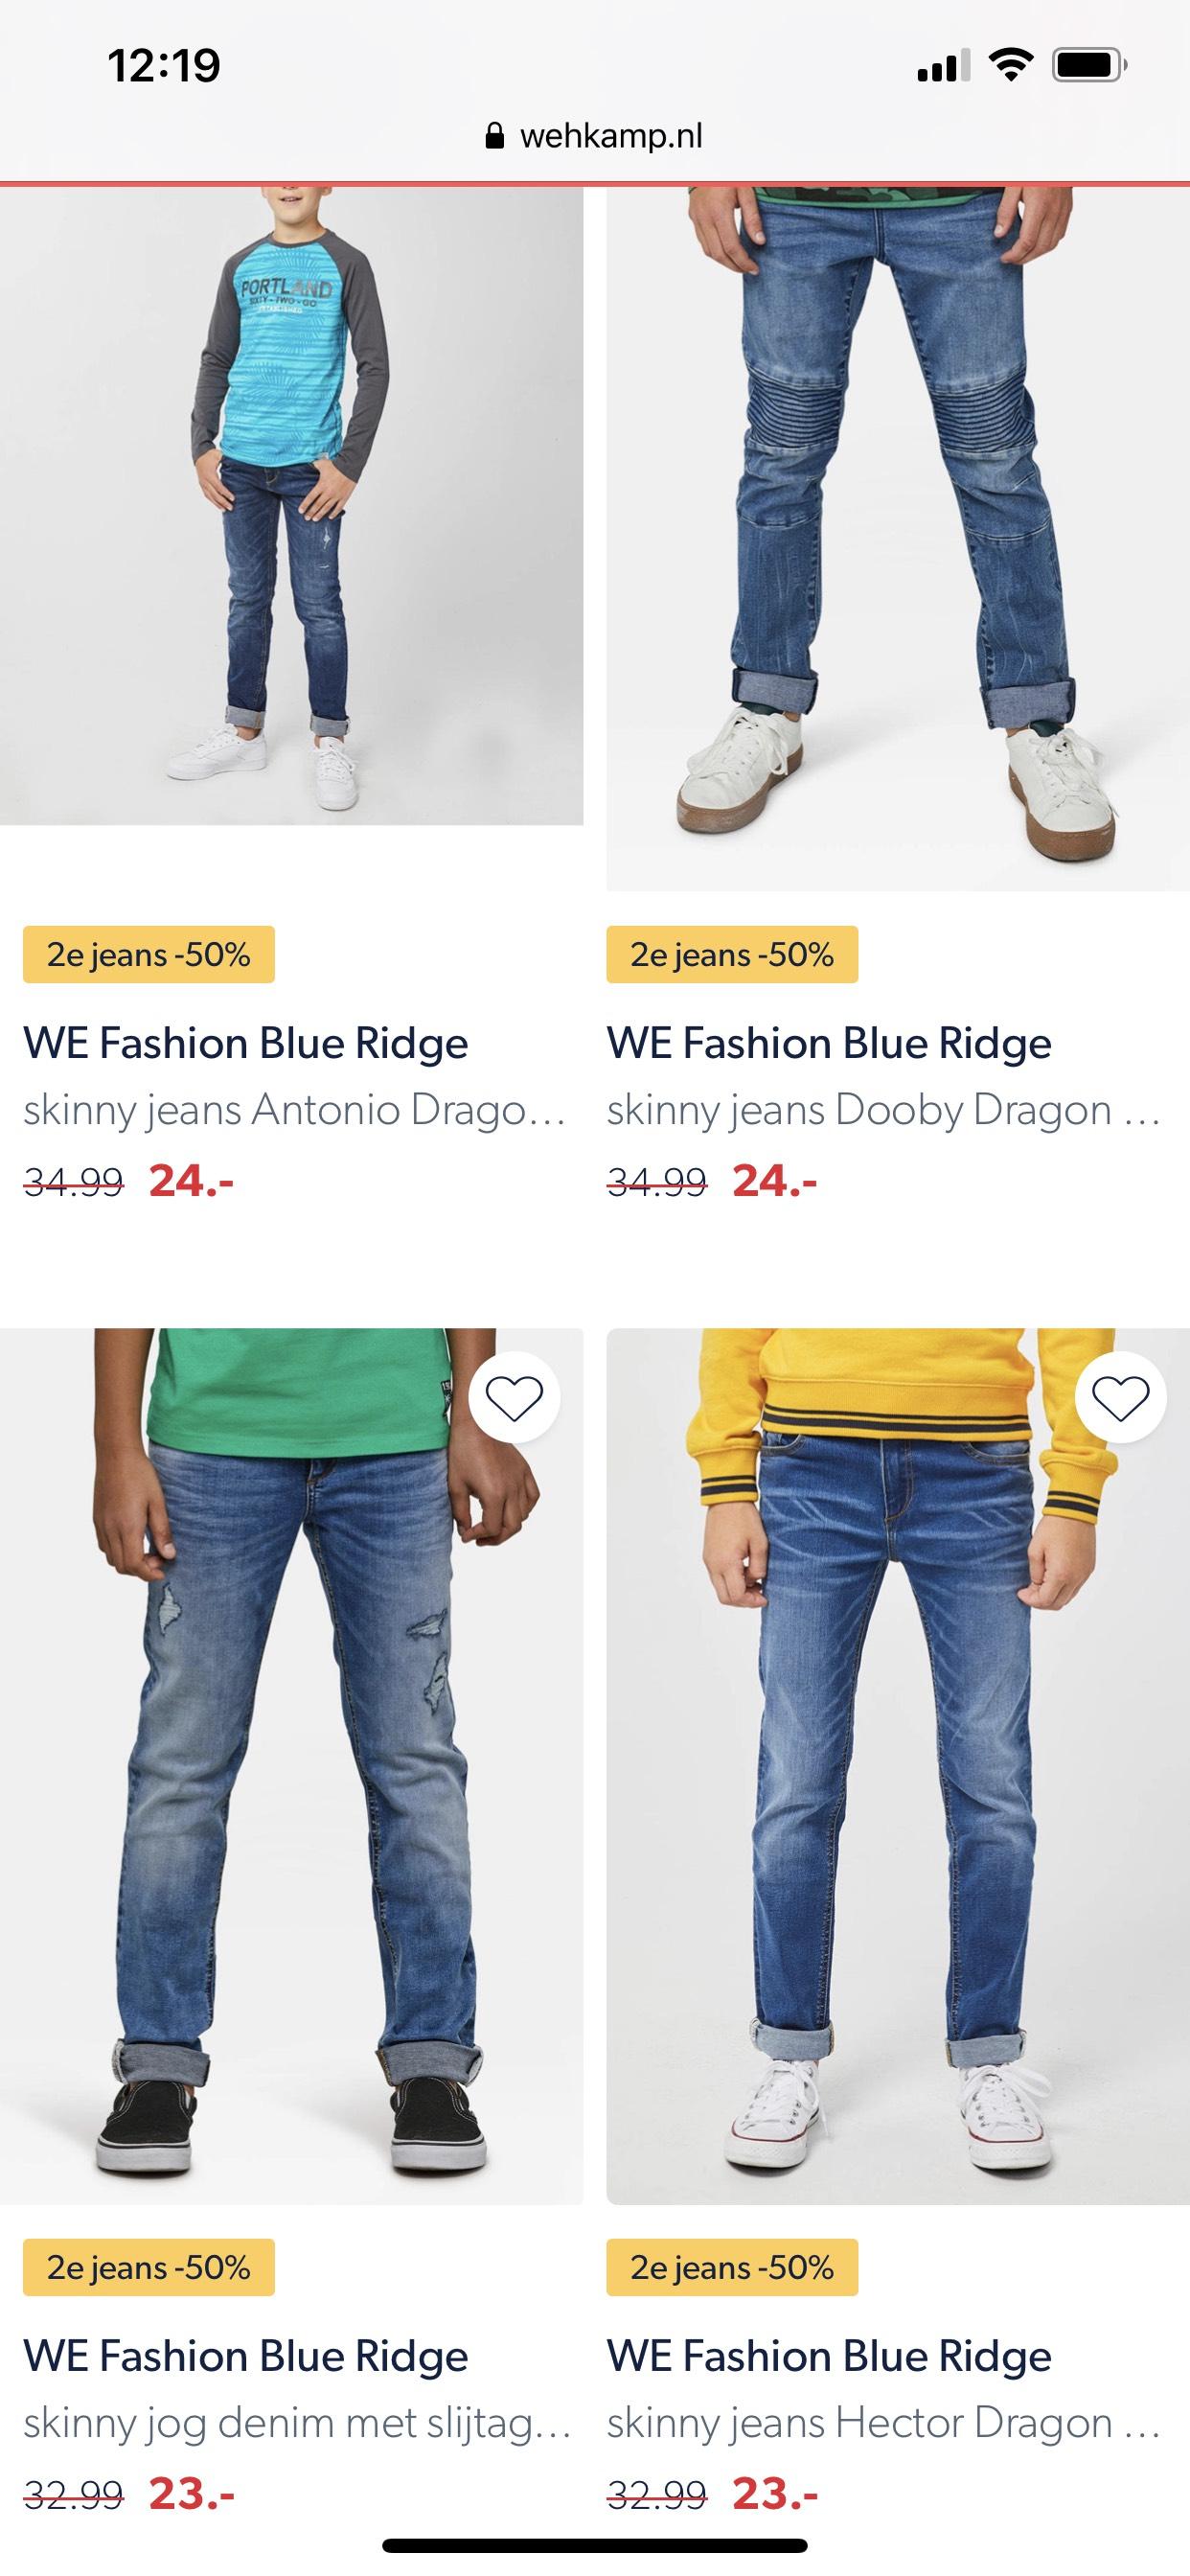 Jeans 2e halve prijs WE Fashion kids bij Wehkamp | OOK OP SALE